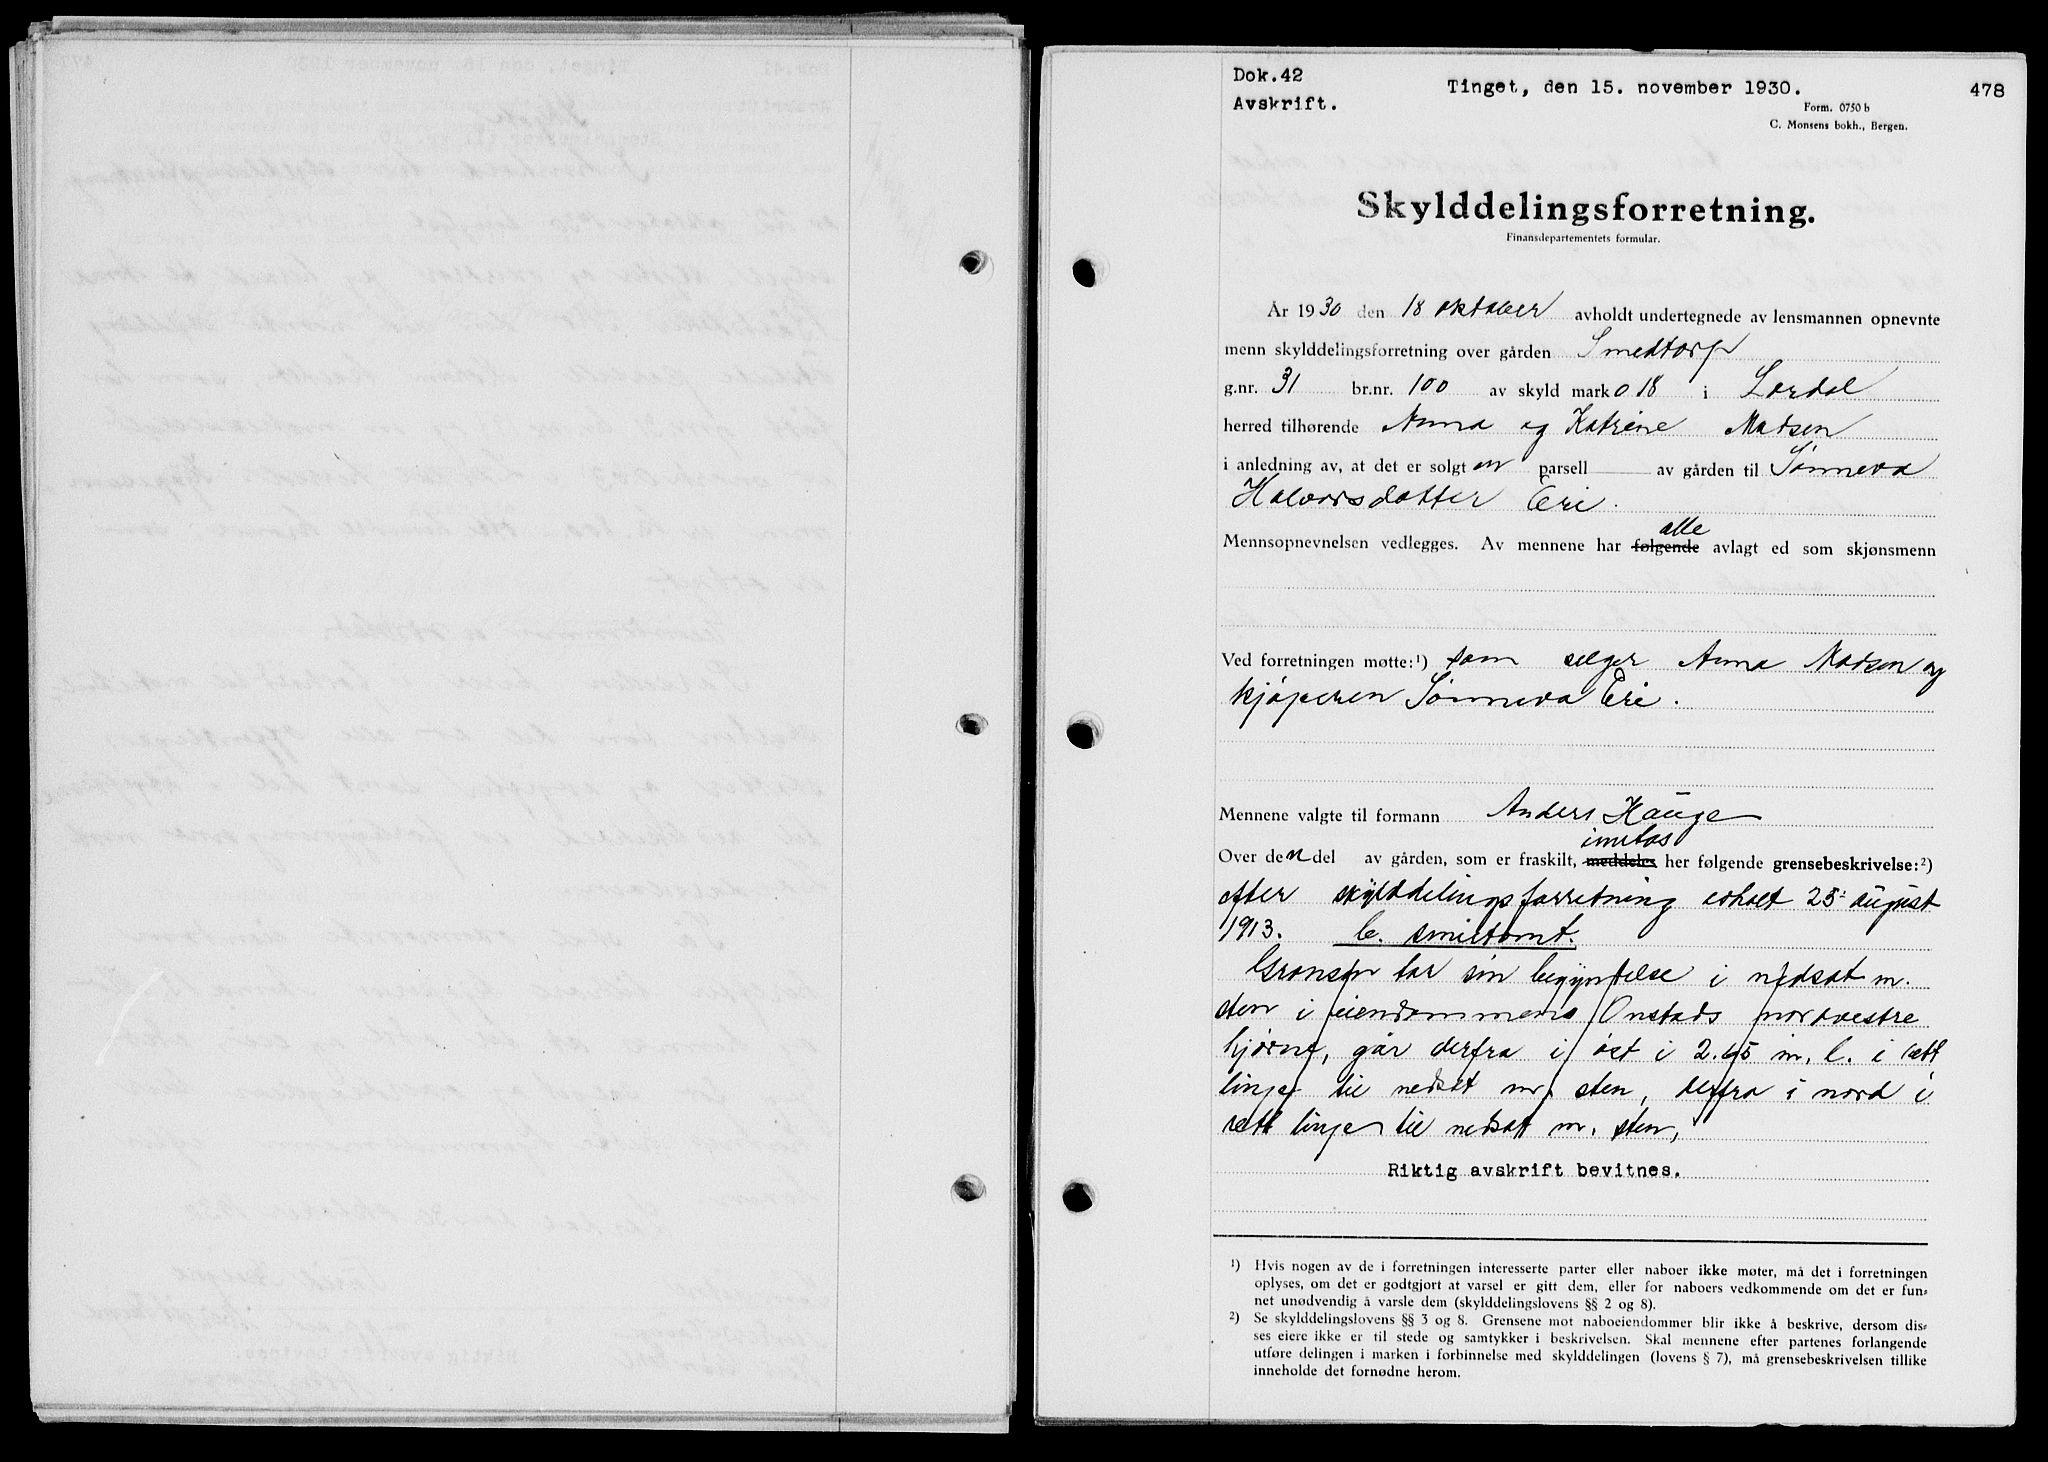 SAB, Pantebok nr. II.B.25, 1930-1930, s. 478